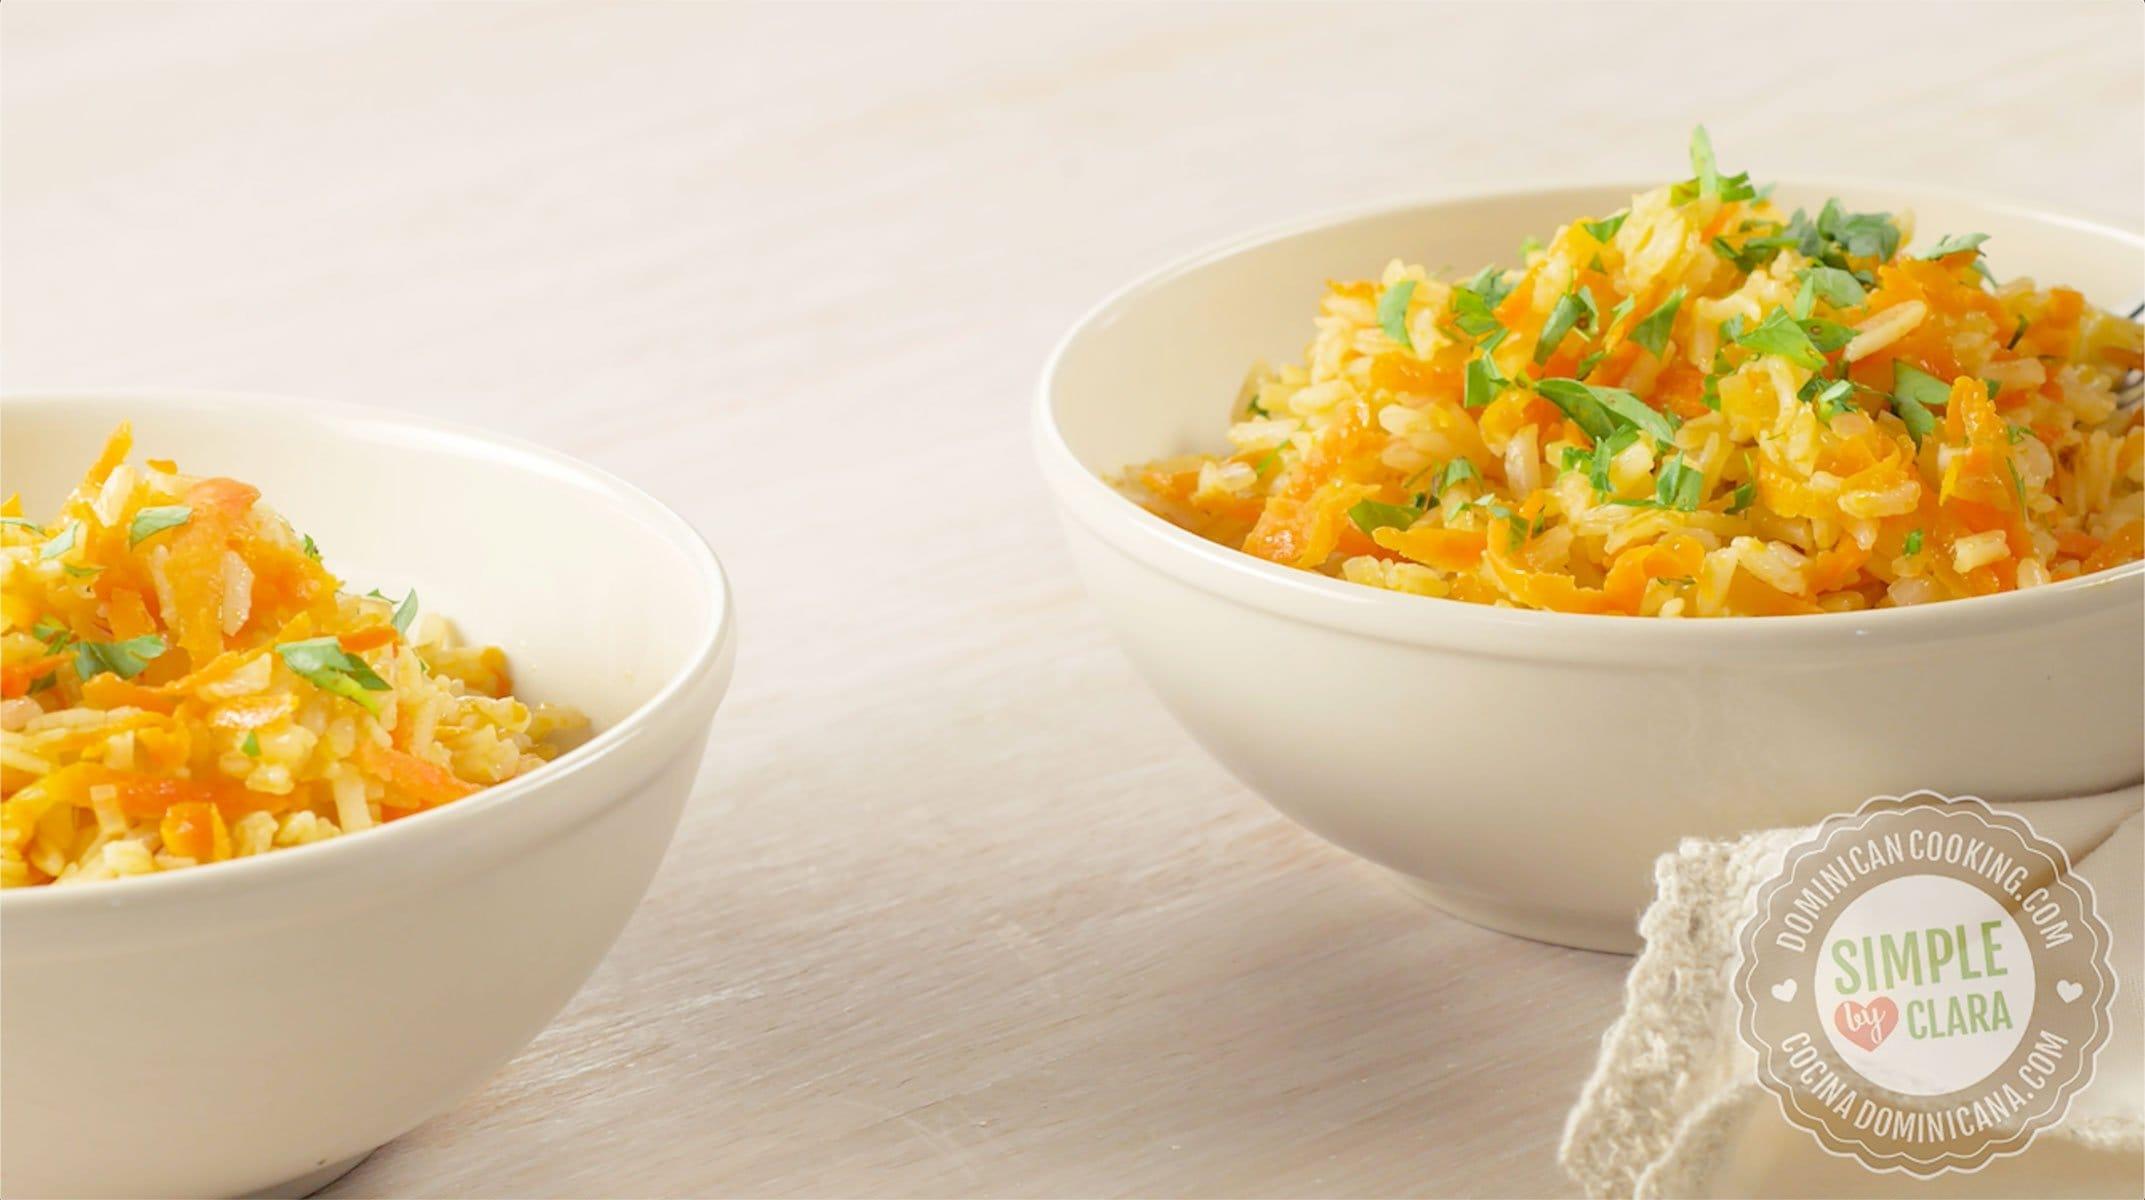 2 boles con arroz amarillo en la mesa